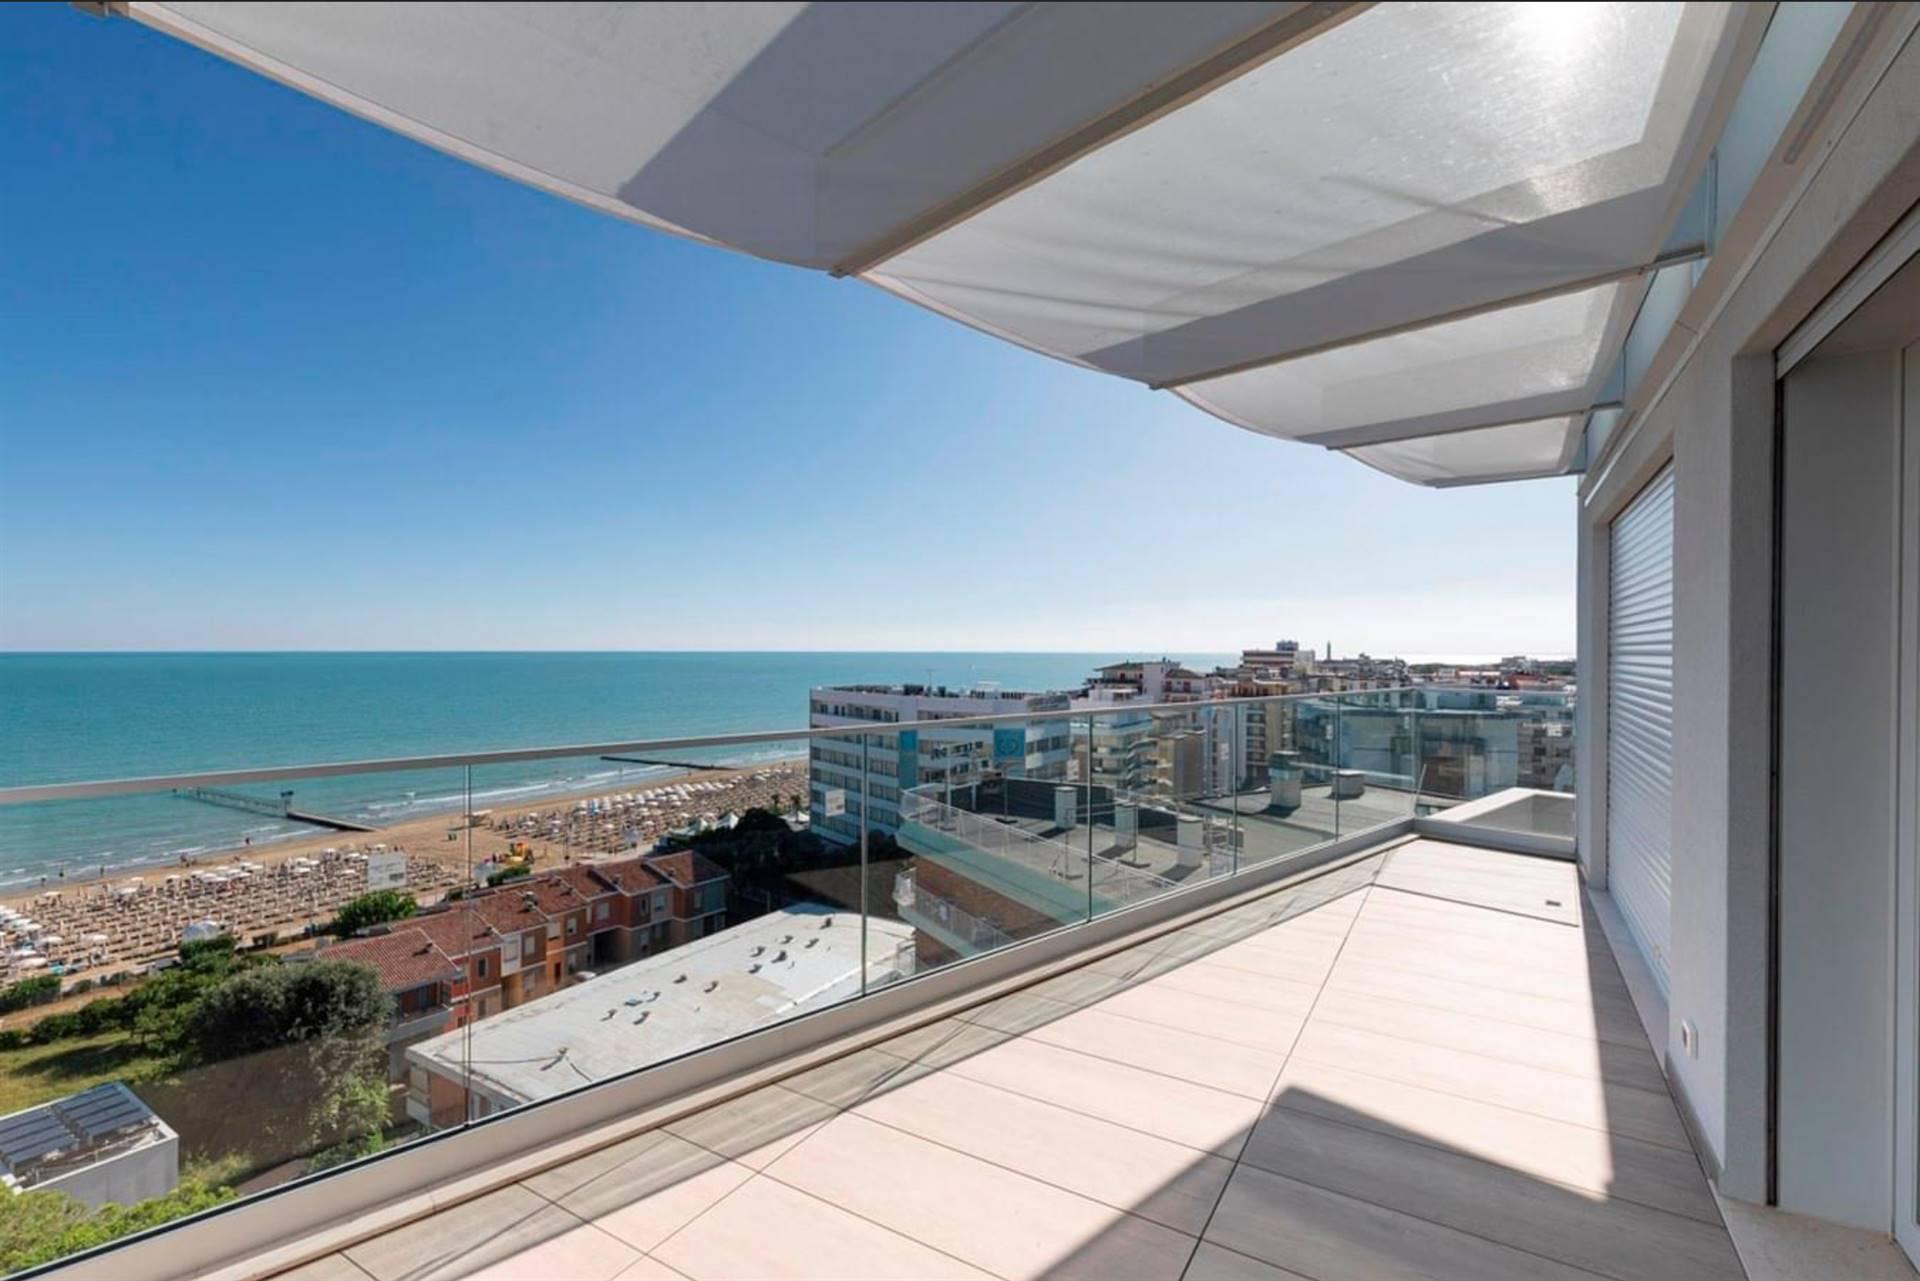 ZONA PIAZZA NEMBER - VISTA MARE Proponiamo in vendita appartamenti in un condominio di nuova costruzione a pochi metri dal mare, composti da due